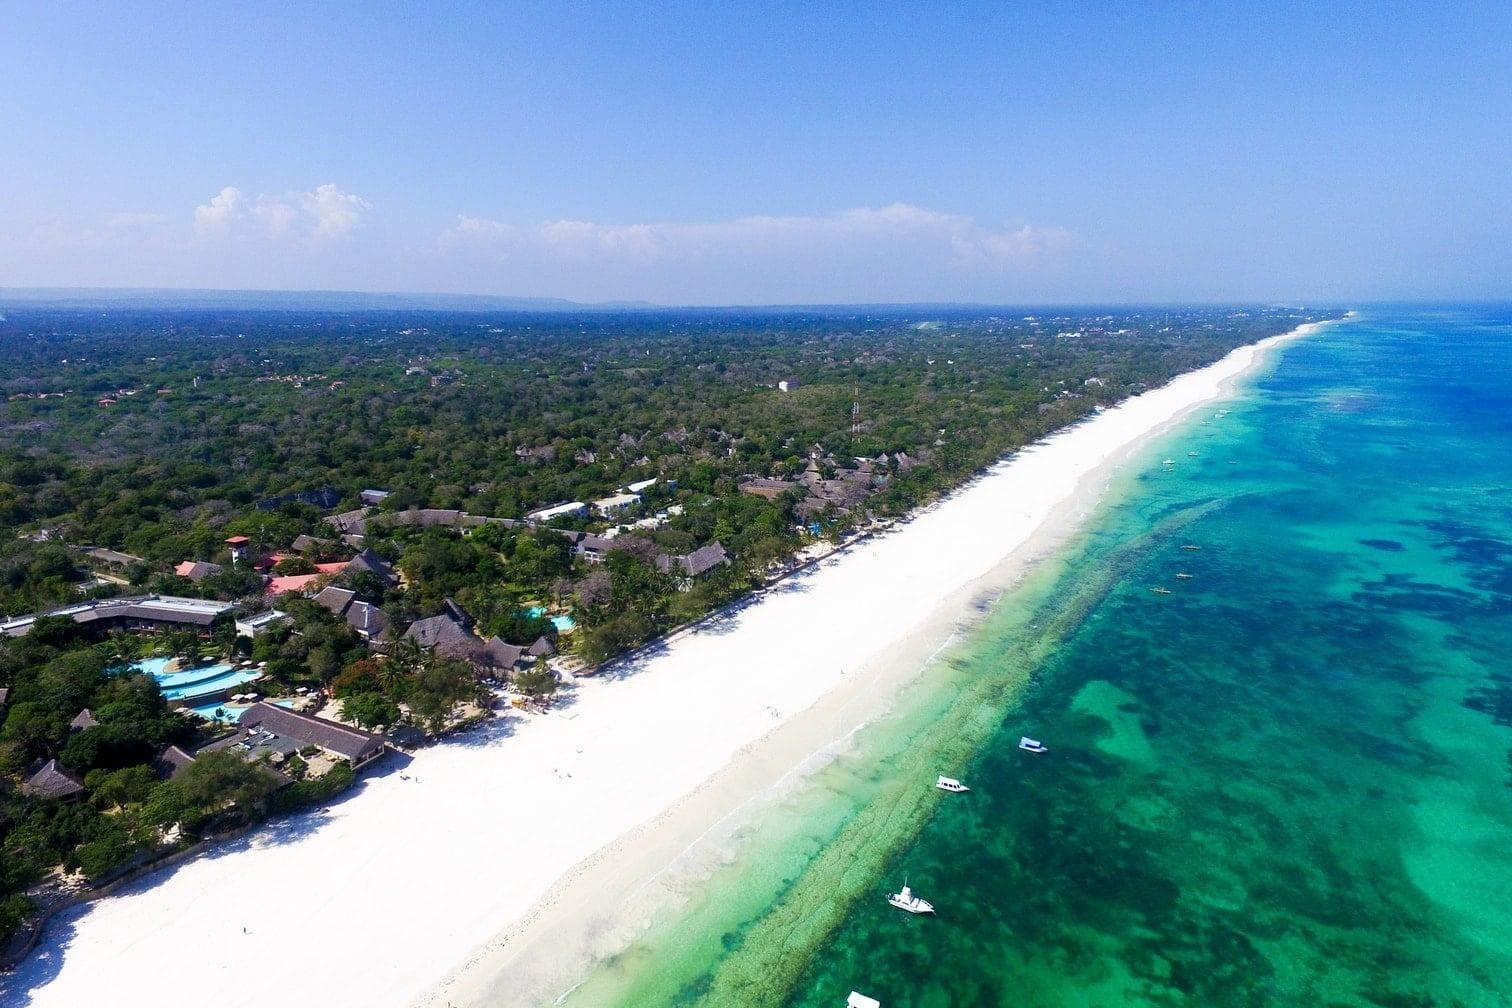 doch dafür wird man vor Ort mit feinem weißen Sand und absoluter Einsamkeit entschädigt.</p> Foto: beach-inspector .com